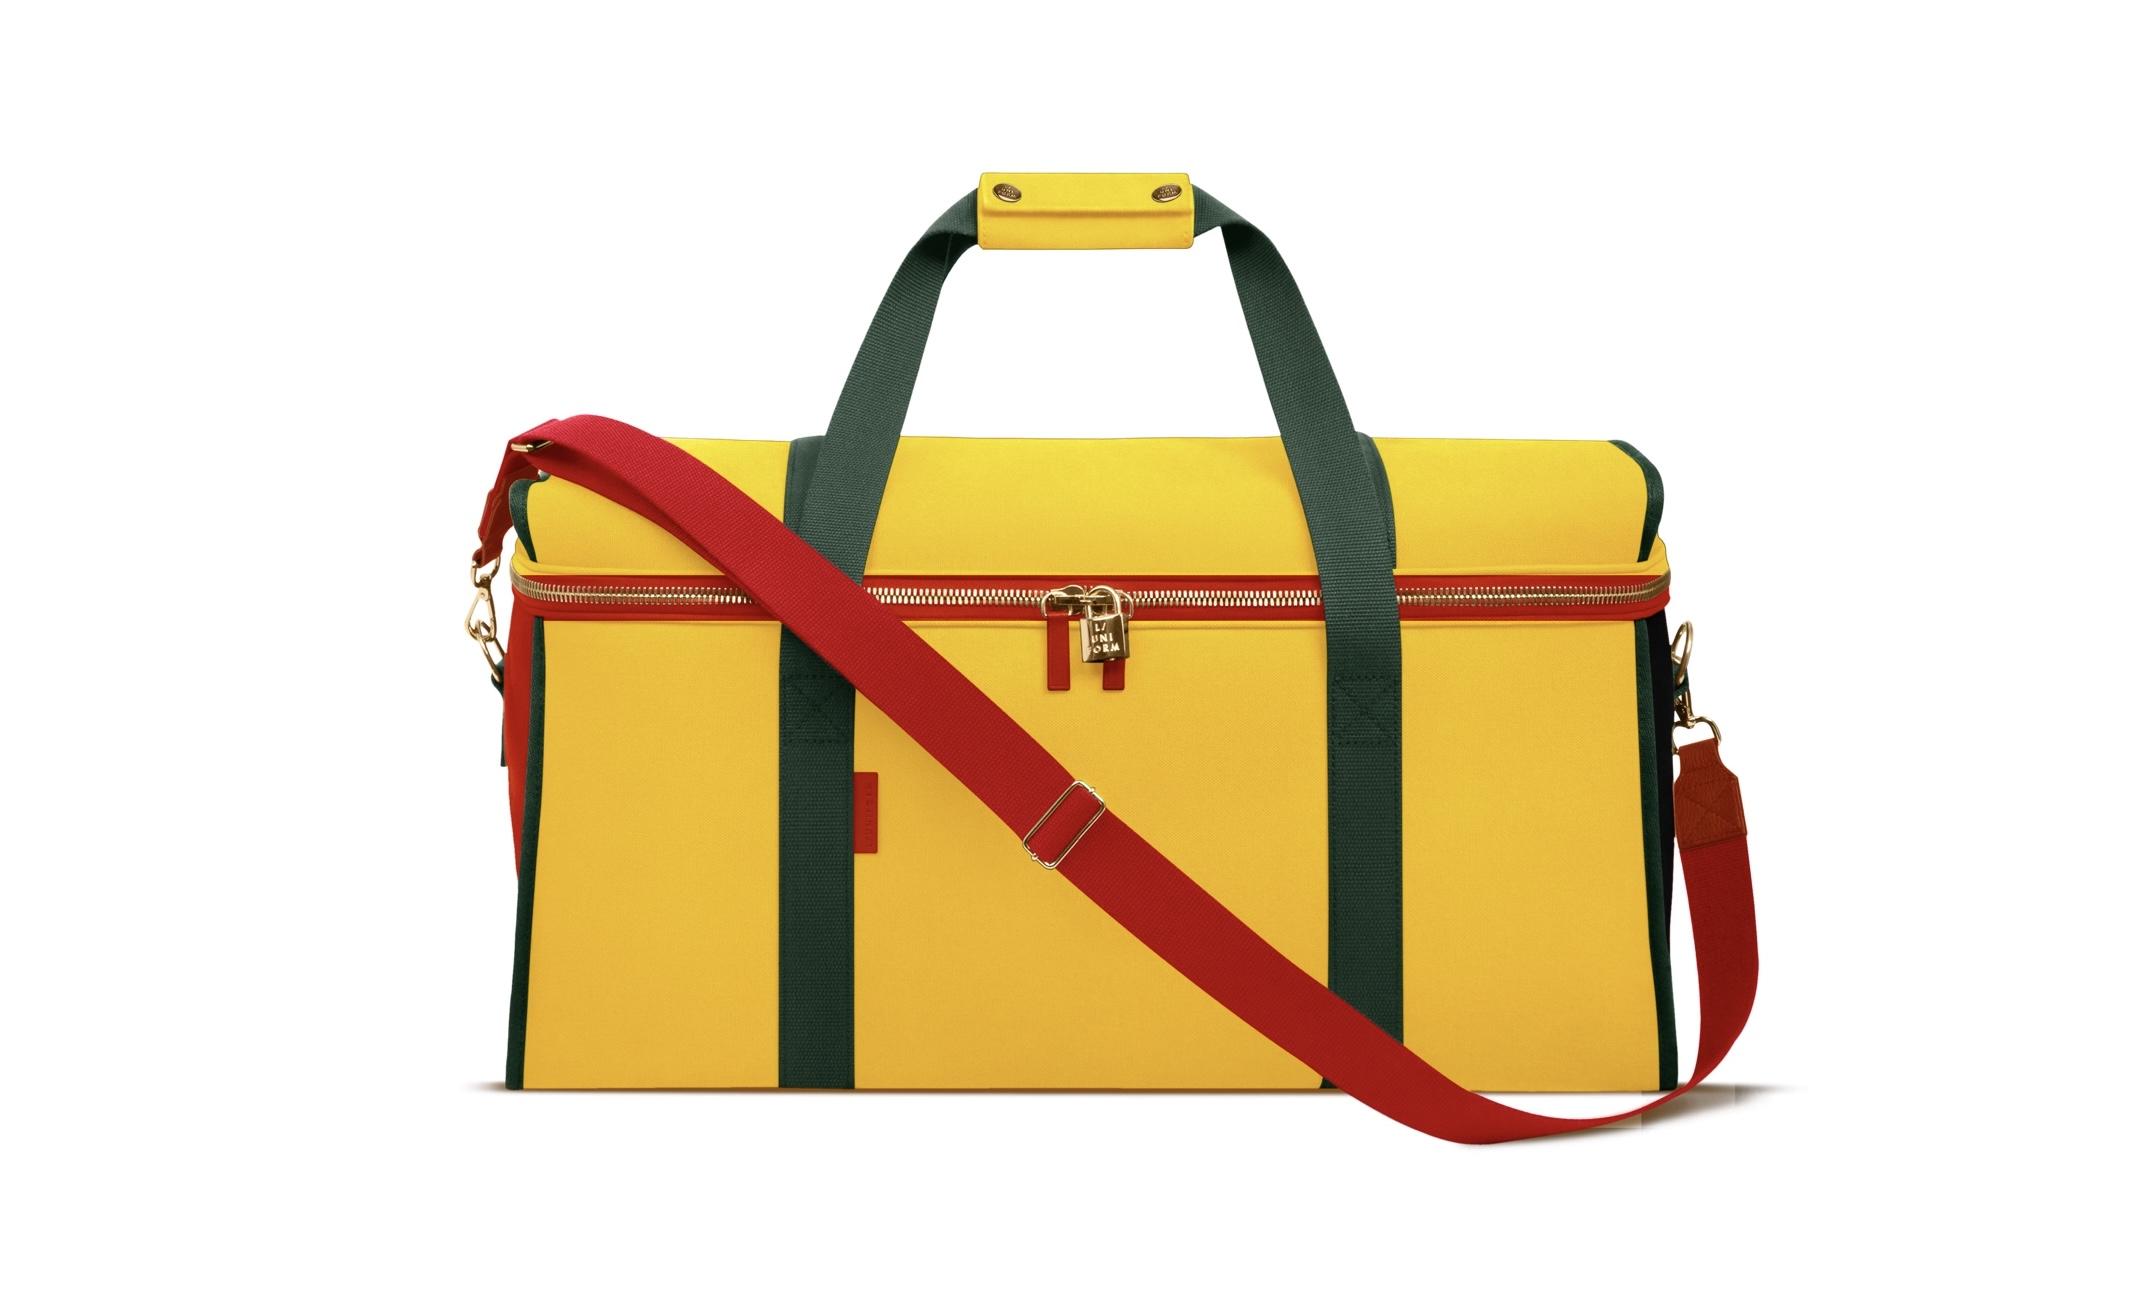 L/UNIFORMポップアップ開催 新作バッグのカスタマイズや限定カラーも